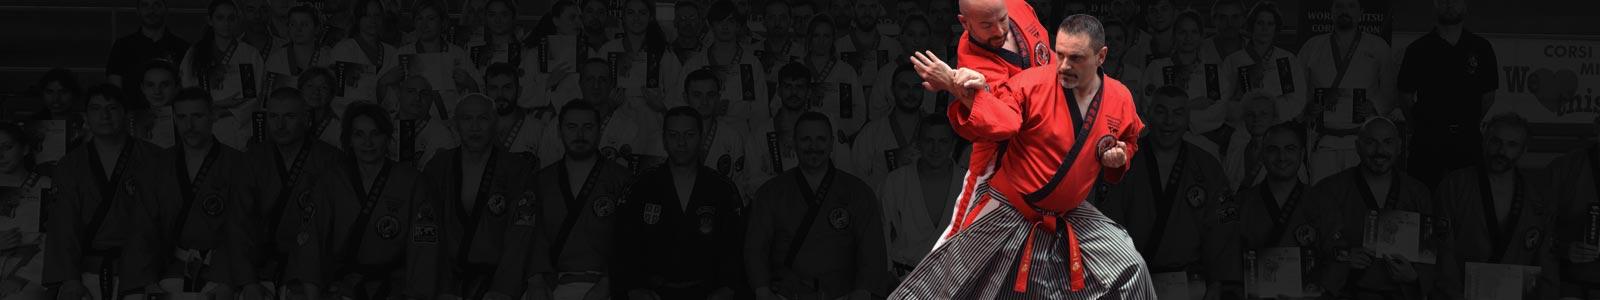 SLIDE-2-Wjjc-ju-Jitsu-World-Ju-Jitsu-corporation